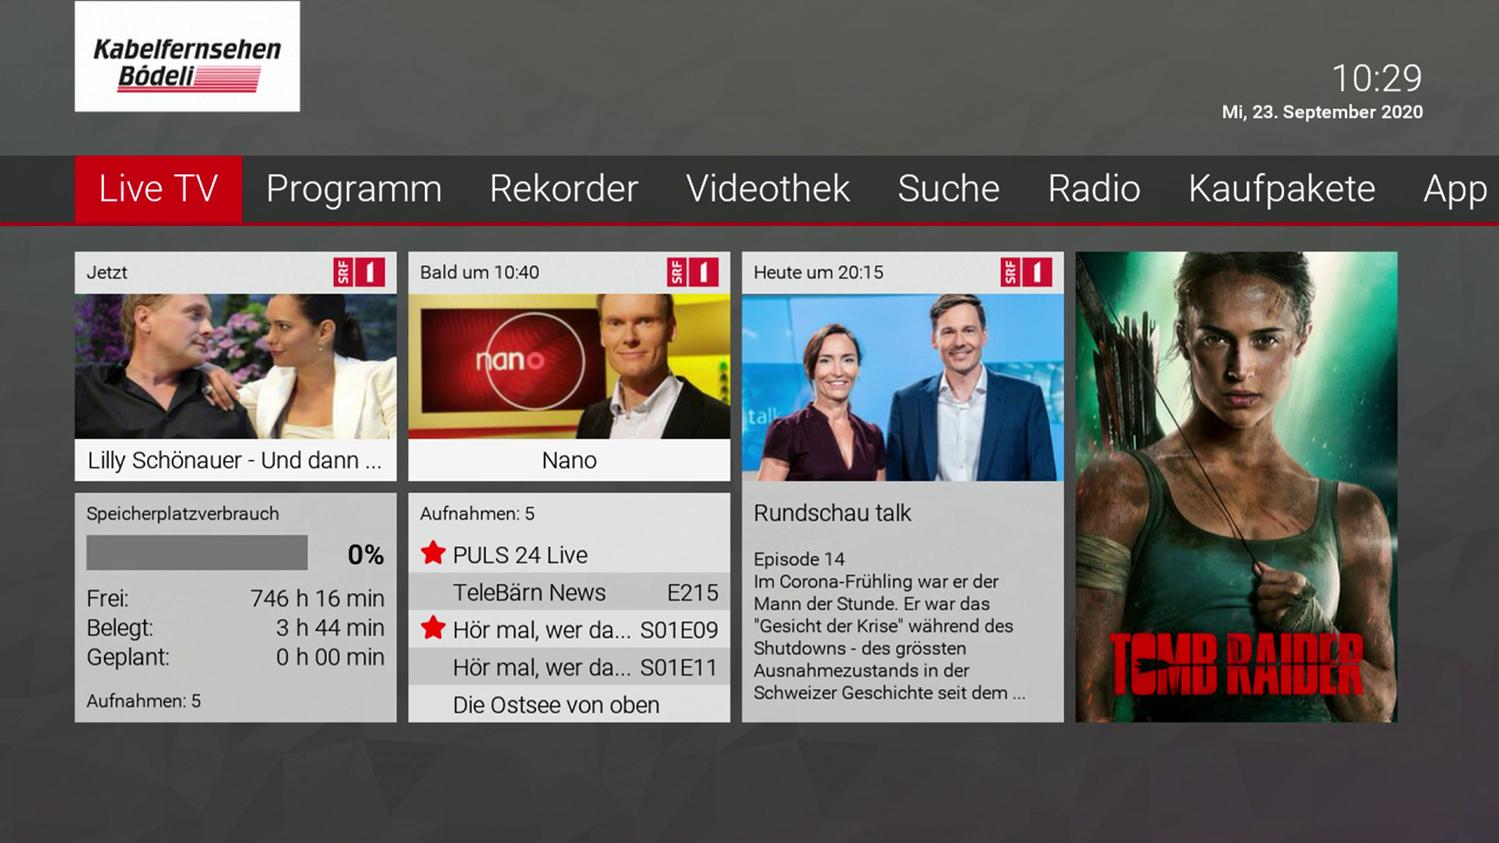 Kabelfernsehen Bödeli GUI